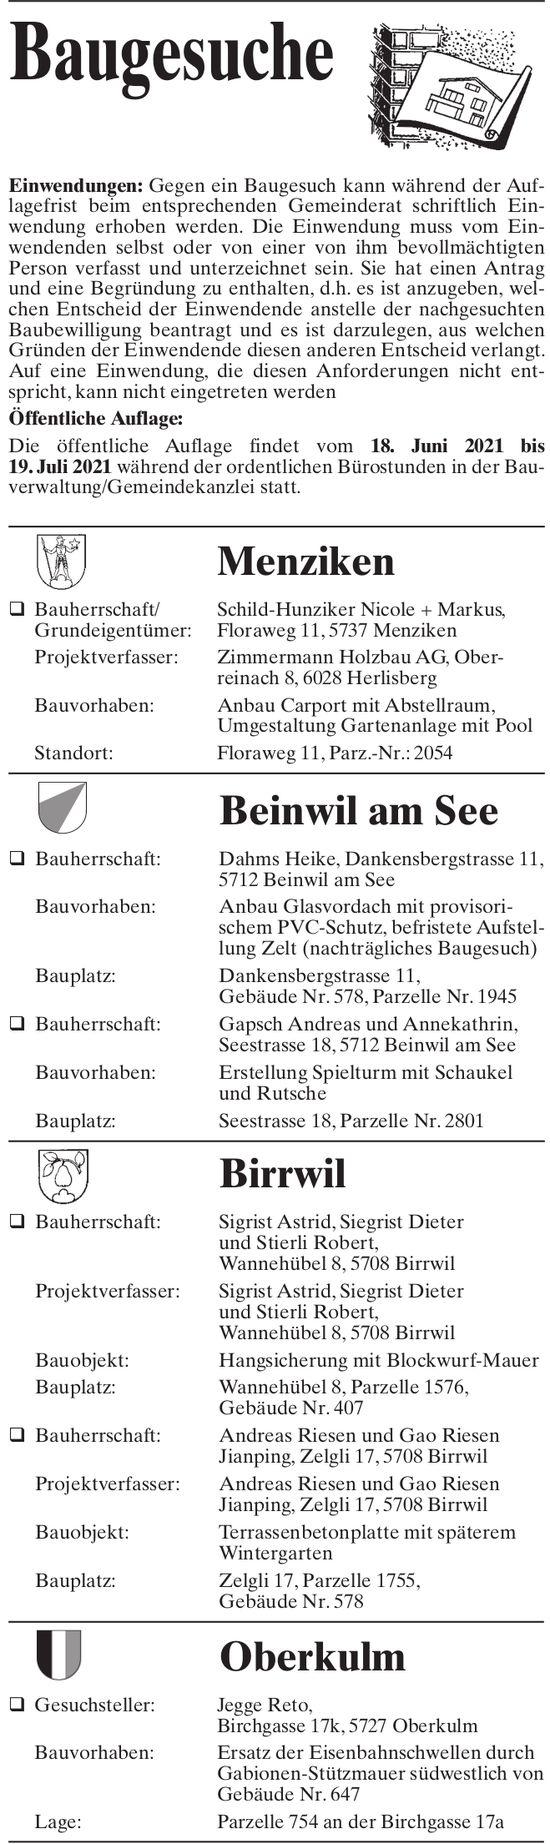 Baugesuche - Menziken, Beinwil am See, Birrwil & Oberkulm